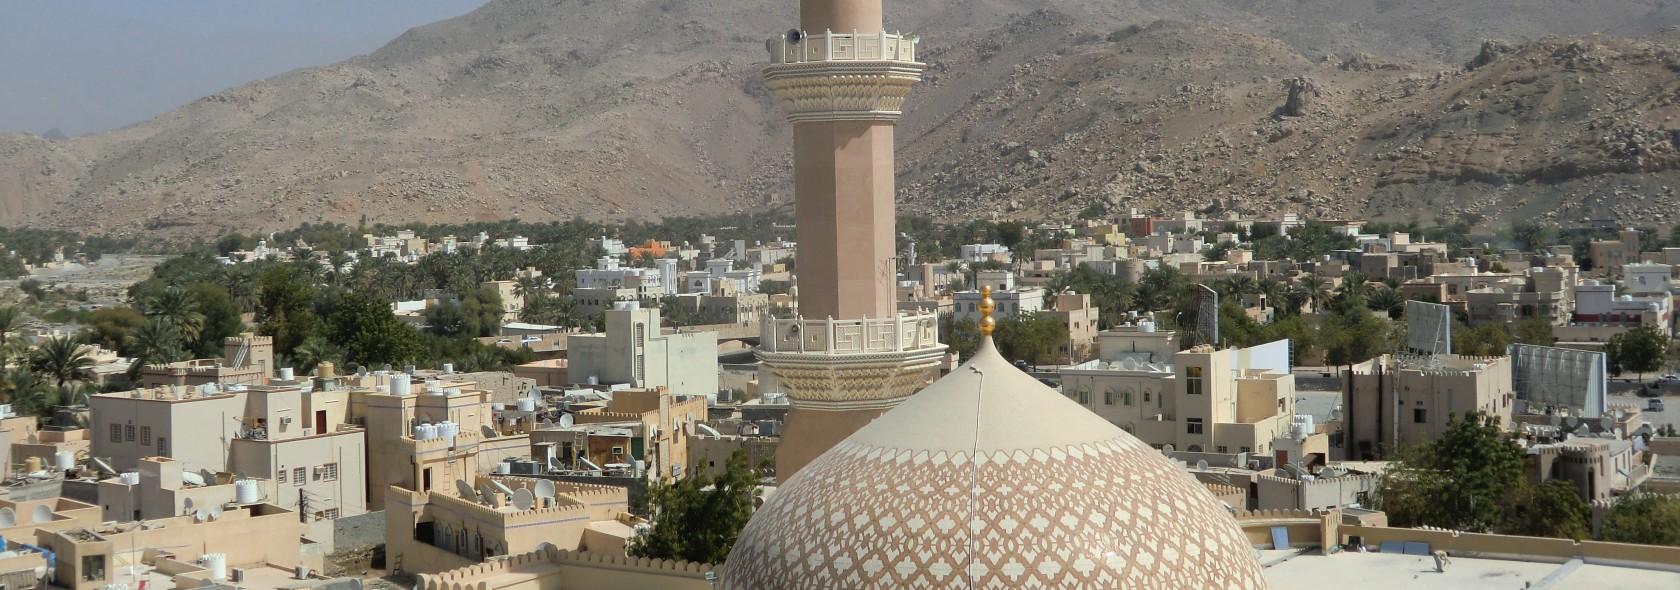 Oman...un Paese tutto da scoprire